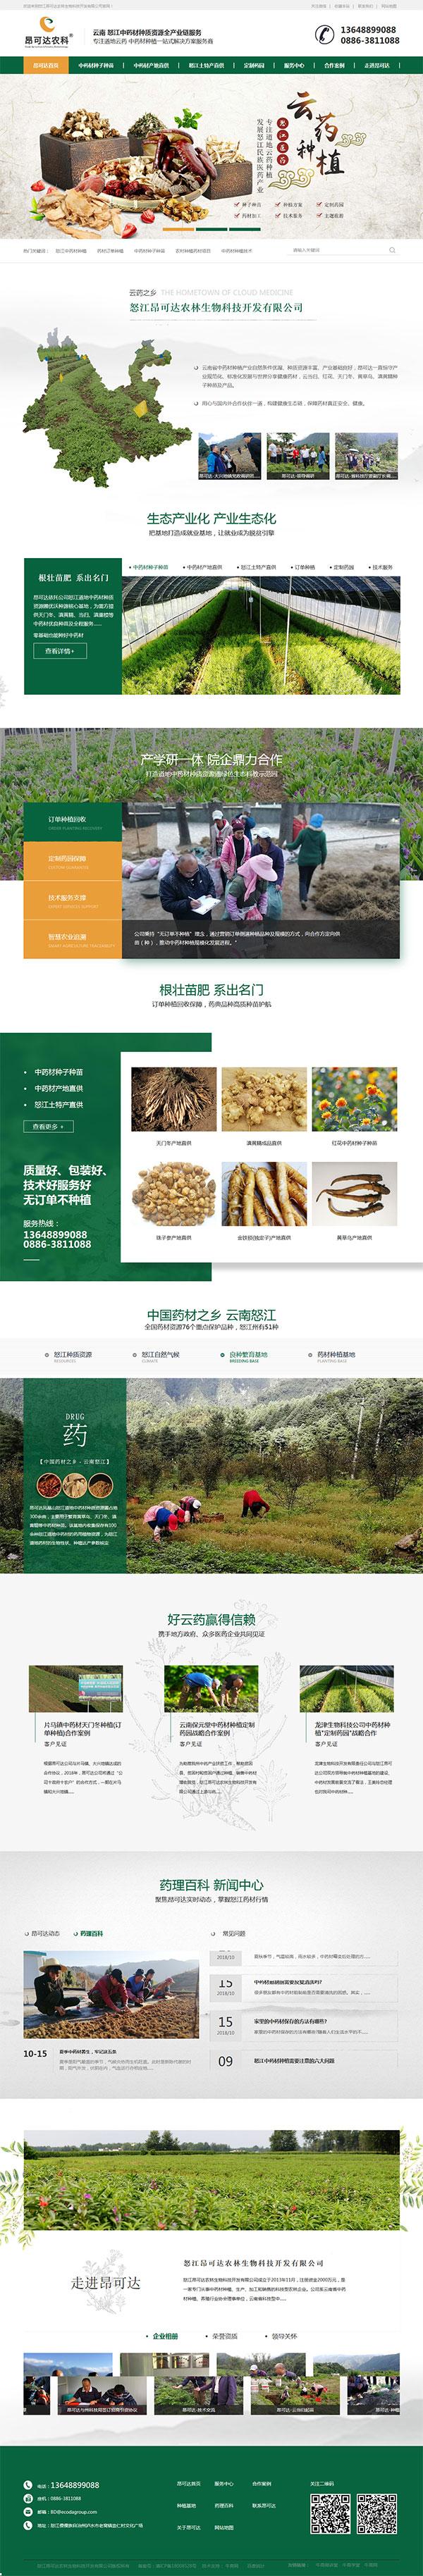 昂可达中药材-营销型亚美游页面